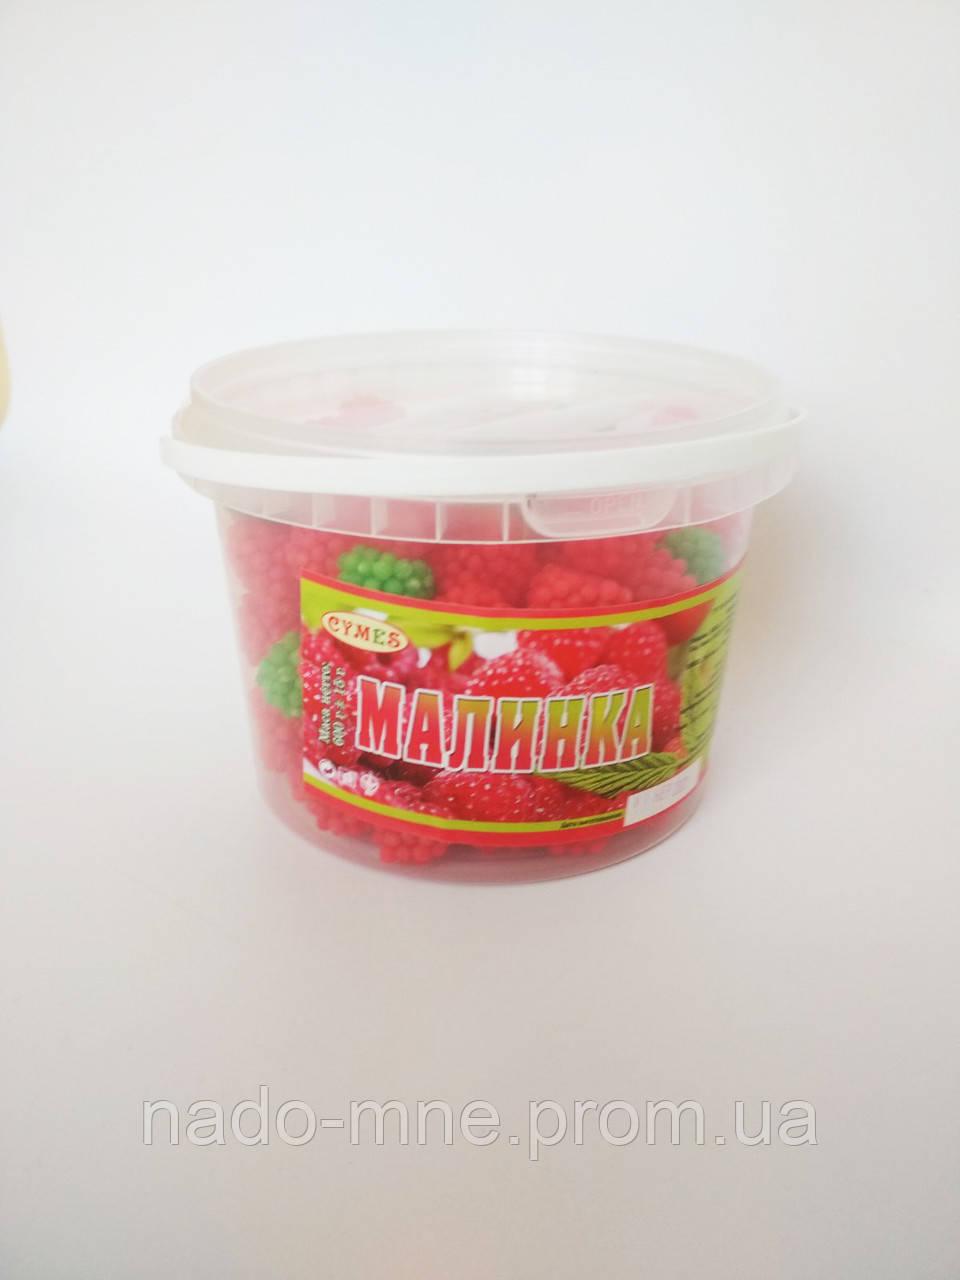 Жевательные конфеты Малинки, в ведерке  600 г